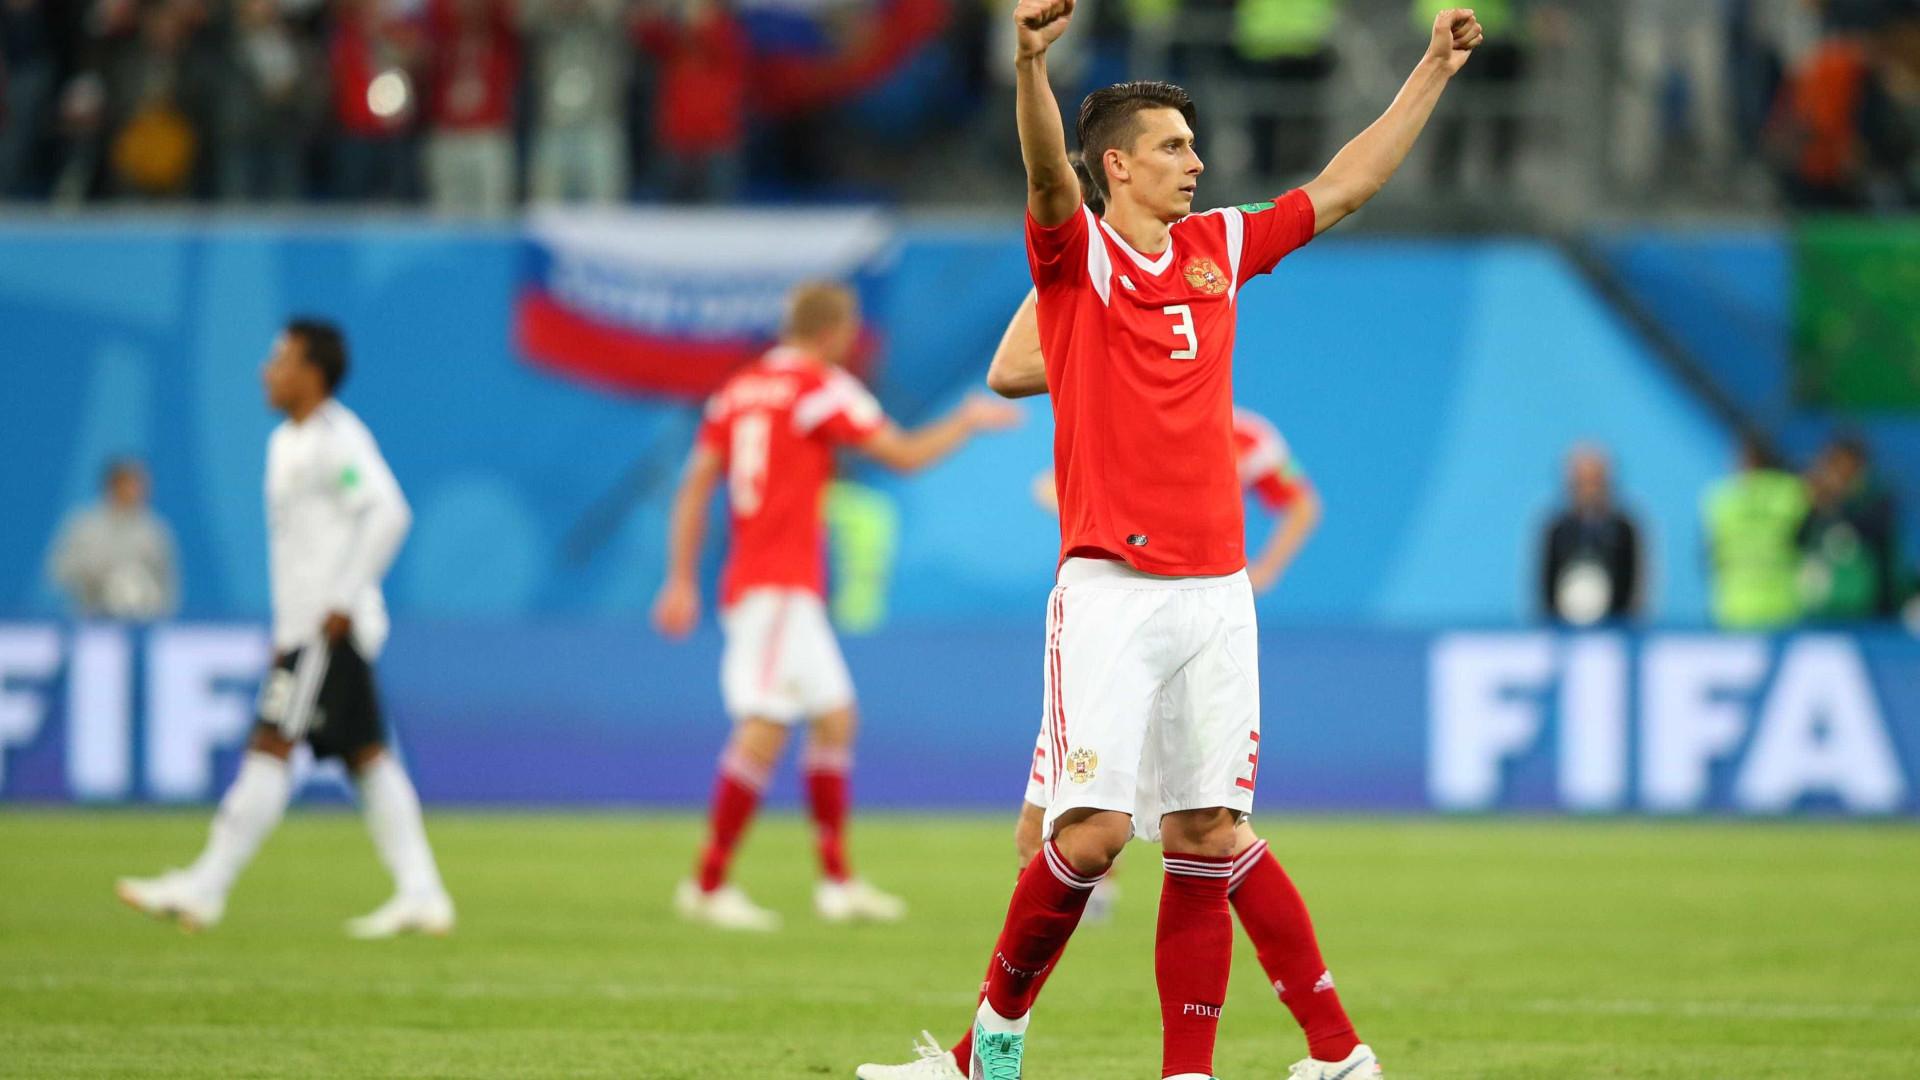 Rússia vence Egito por 3 x 1 e mantém primeiro lugar do Grupo A